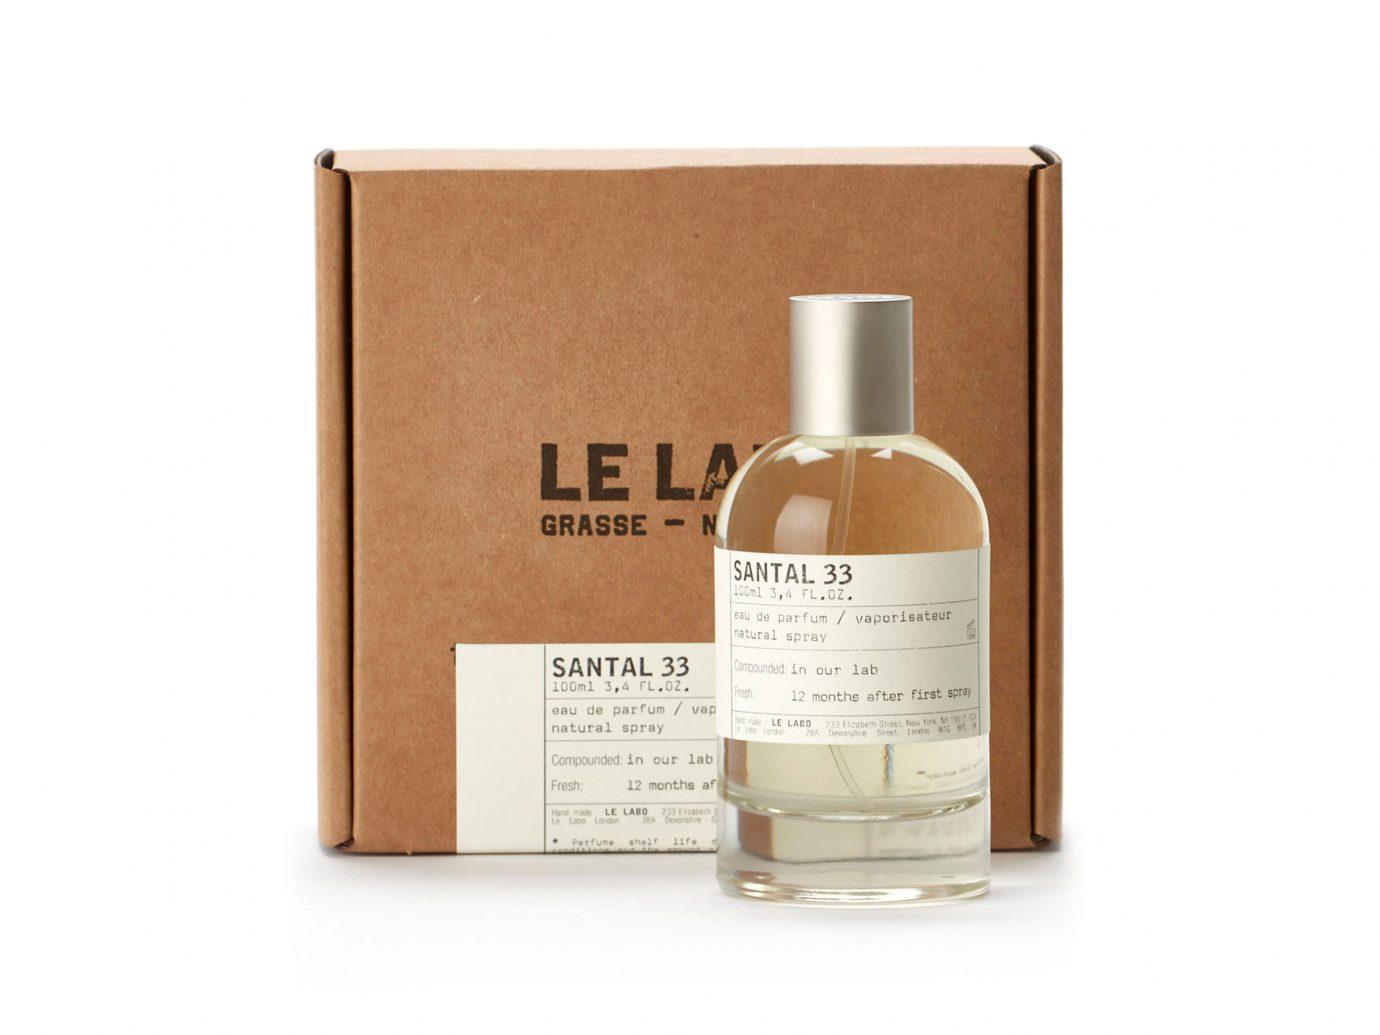 Le Labo Santal 33 Eau de Parfum